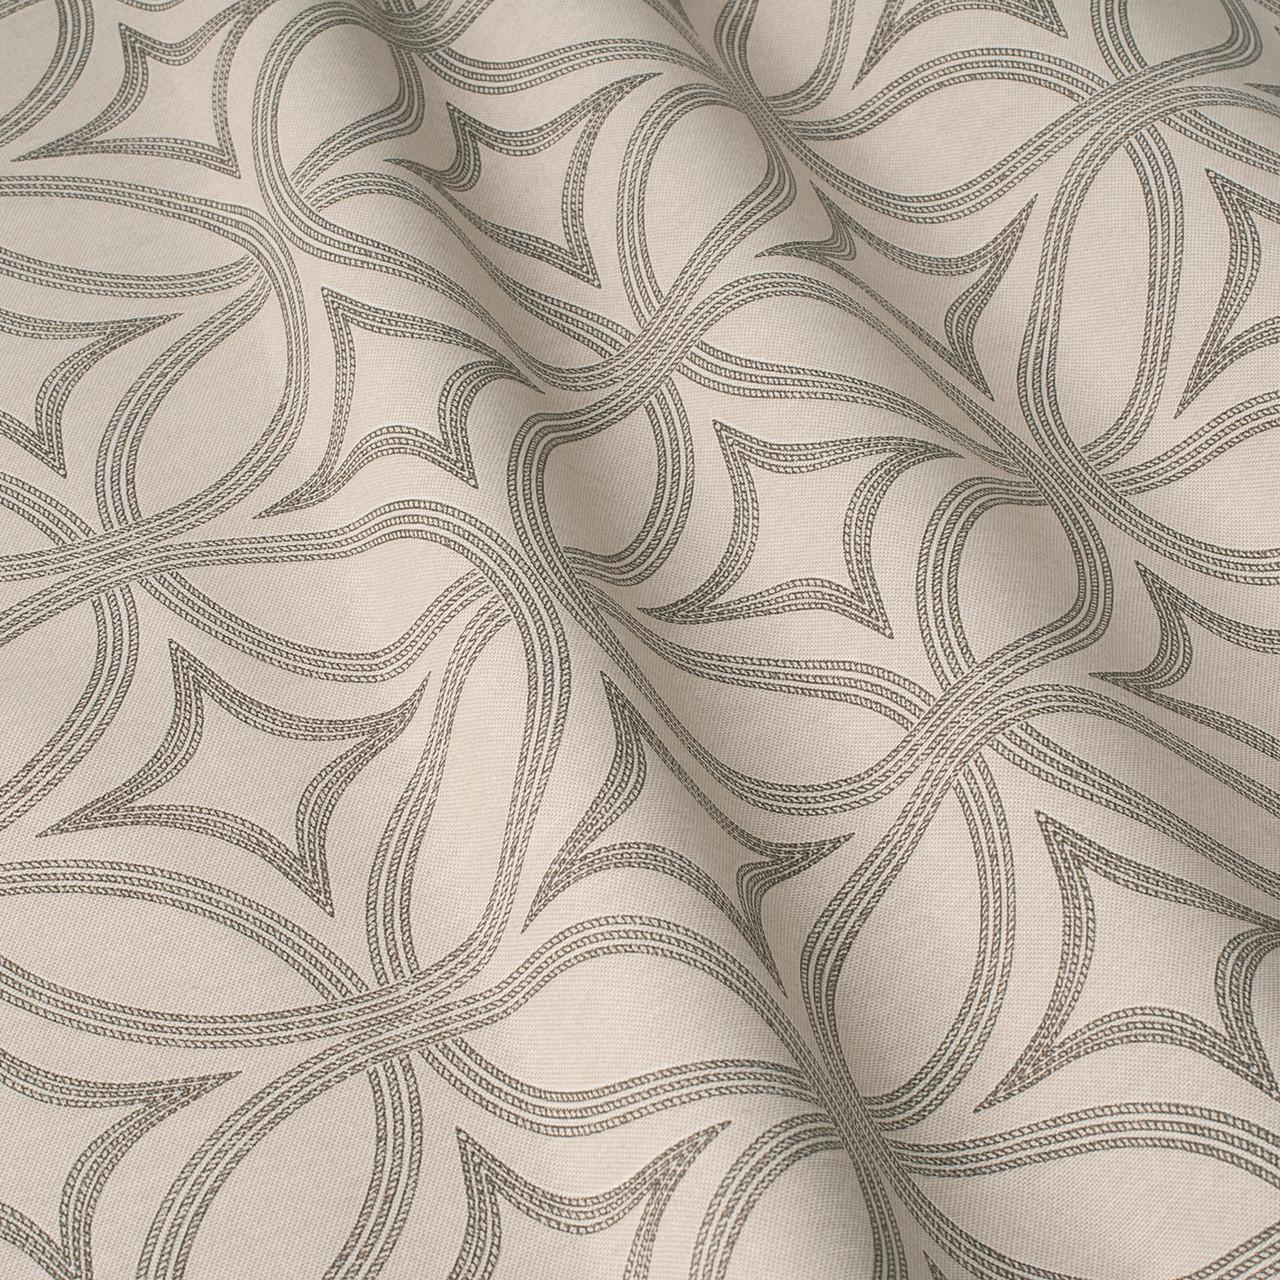 Декоративная ткань серые круги с узорами на бежевом фоне Турция 84590v30